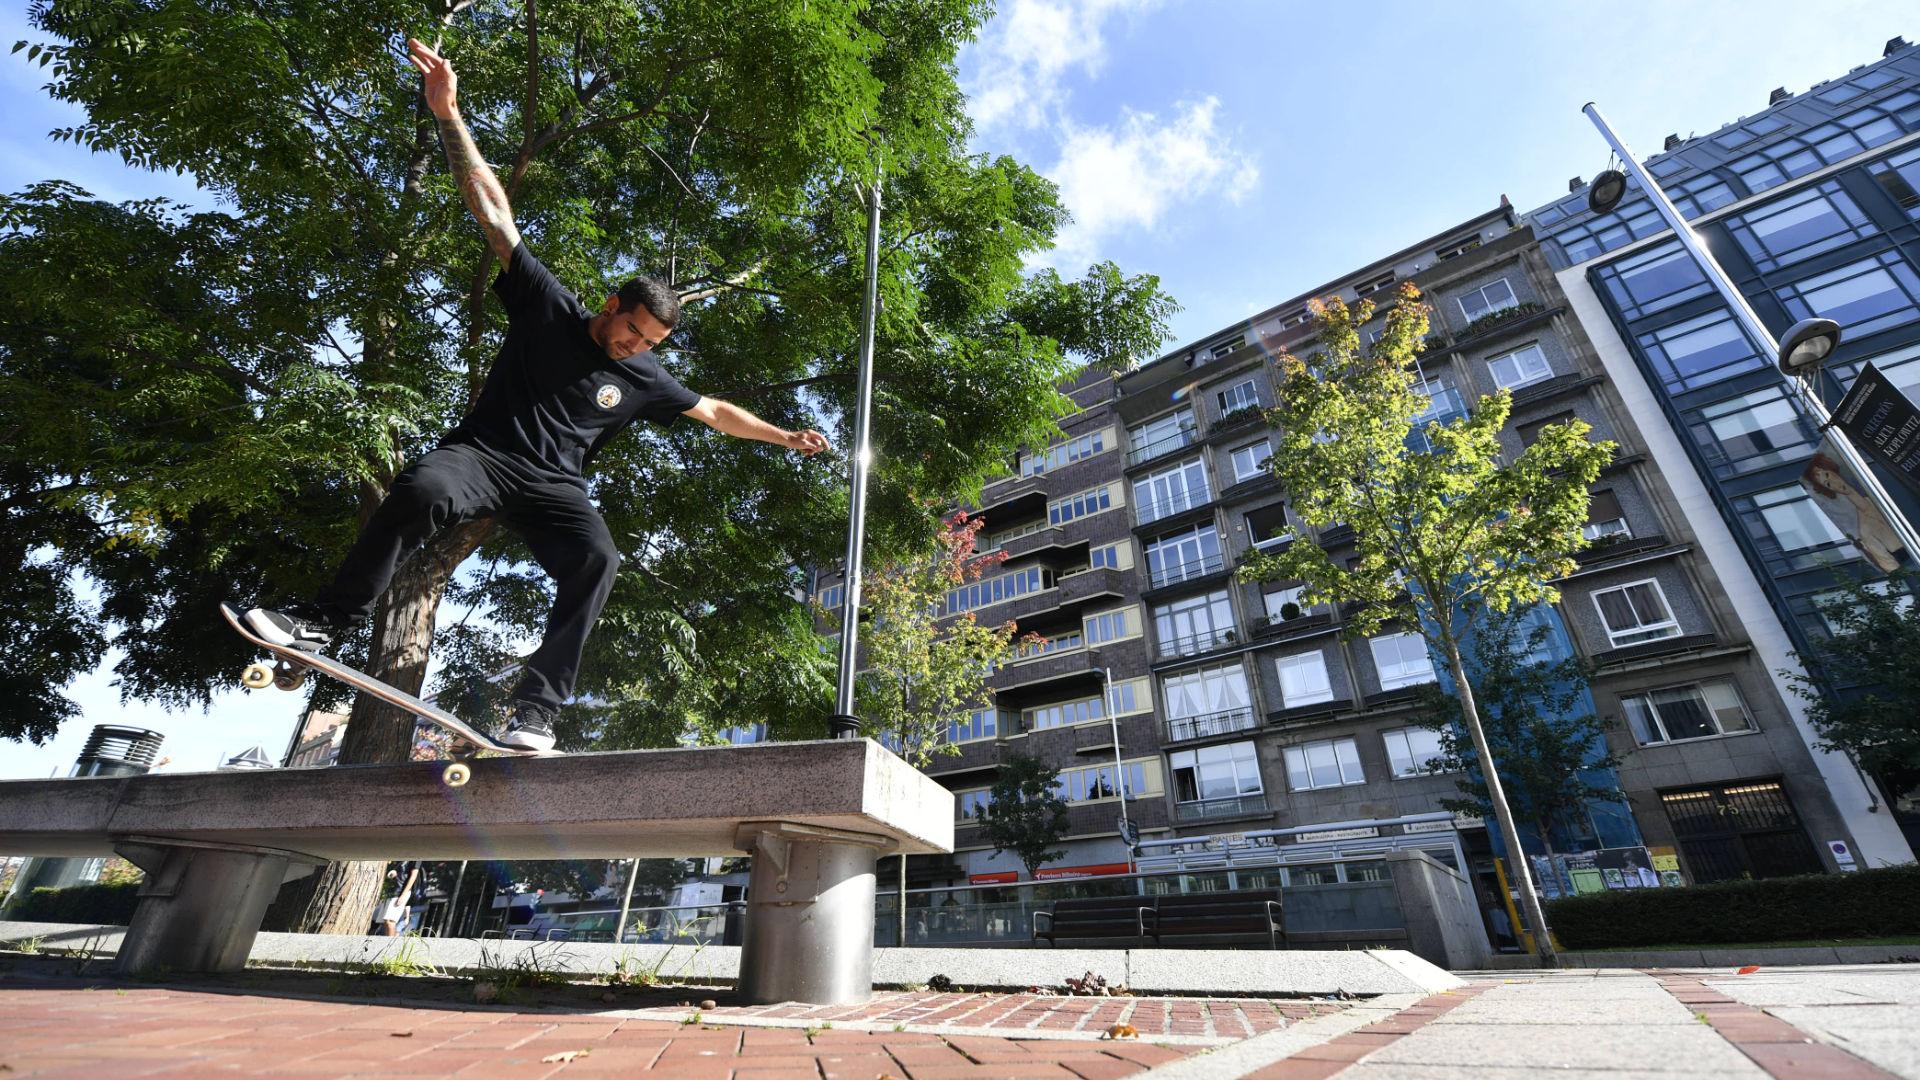 Ein Junge grindet auf einer Betonbank mit einem Skateboard mit kleinen Rollen